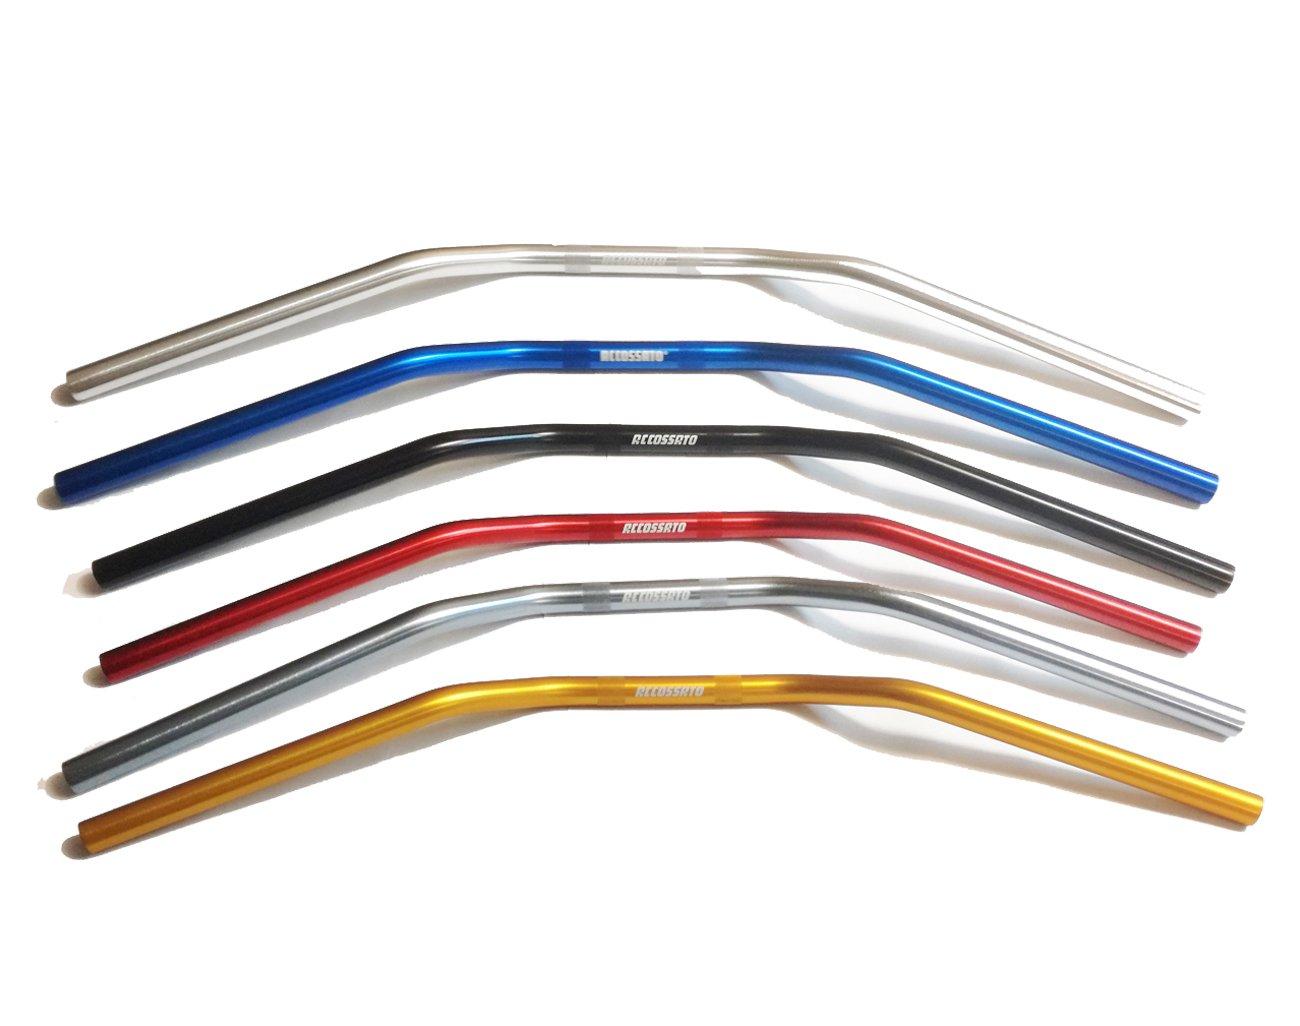 Accossato Manubrio Superbike Alluminio HB152 piega alta* (ROSSO)